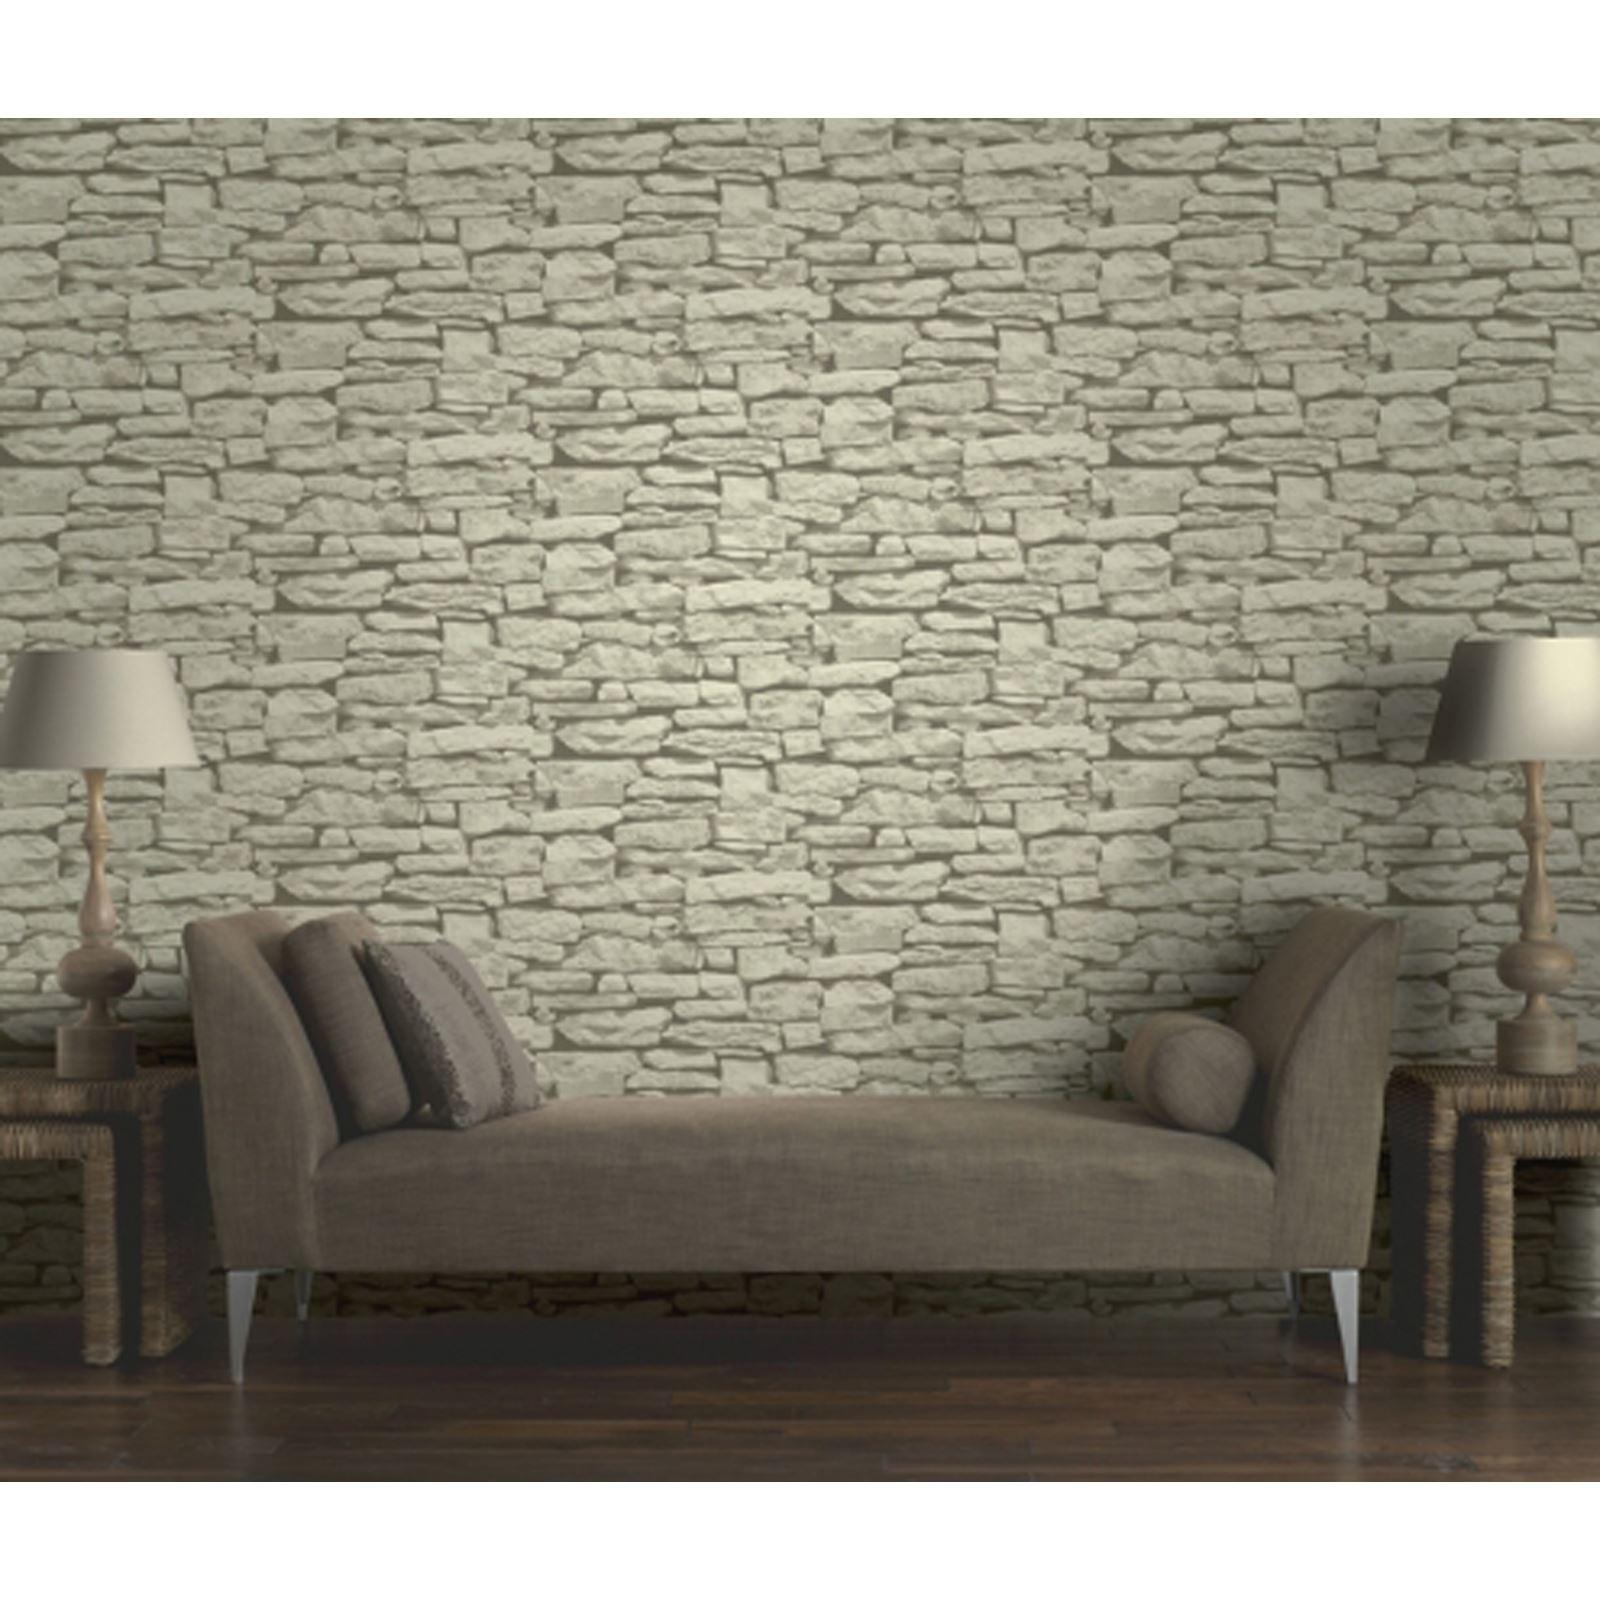 schiefer stein wand effekt tapete modern wandtapete grau schwarz nat rlich ebay. Black Bedroom Furniture Sets. Home Design Ideas